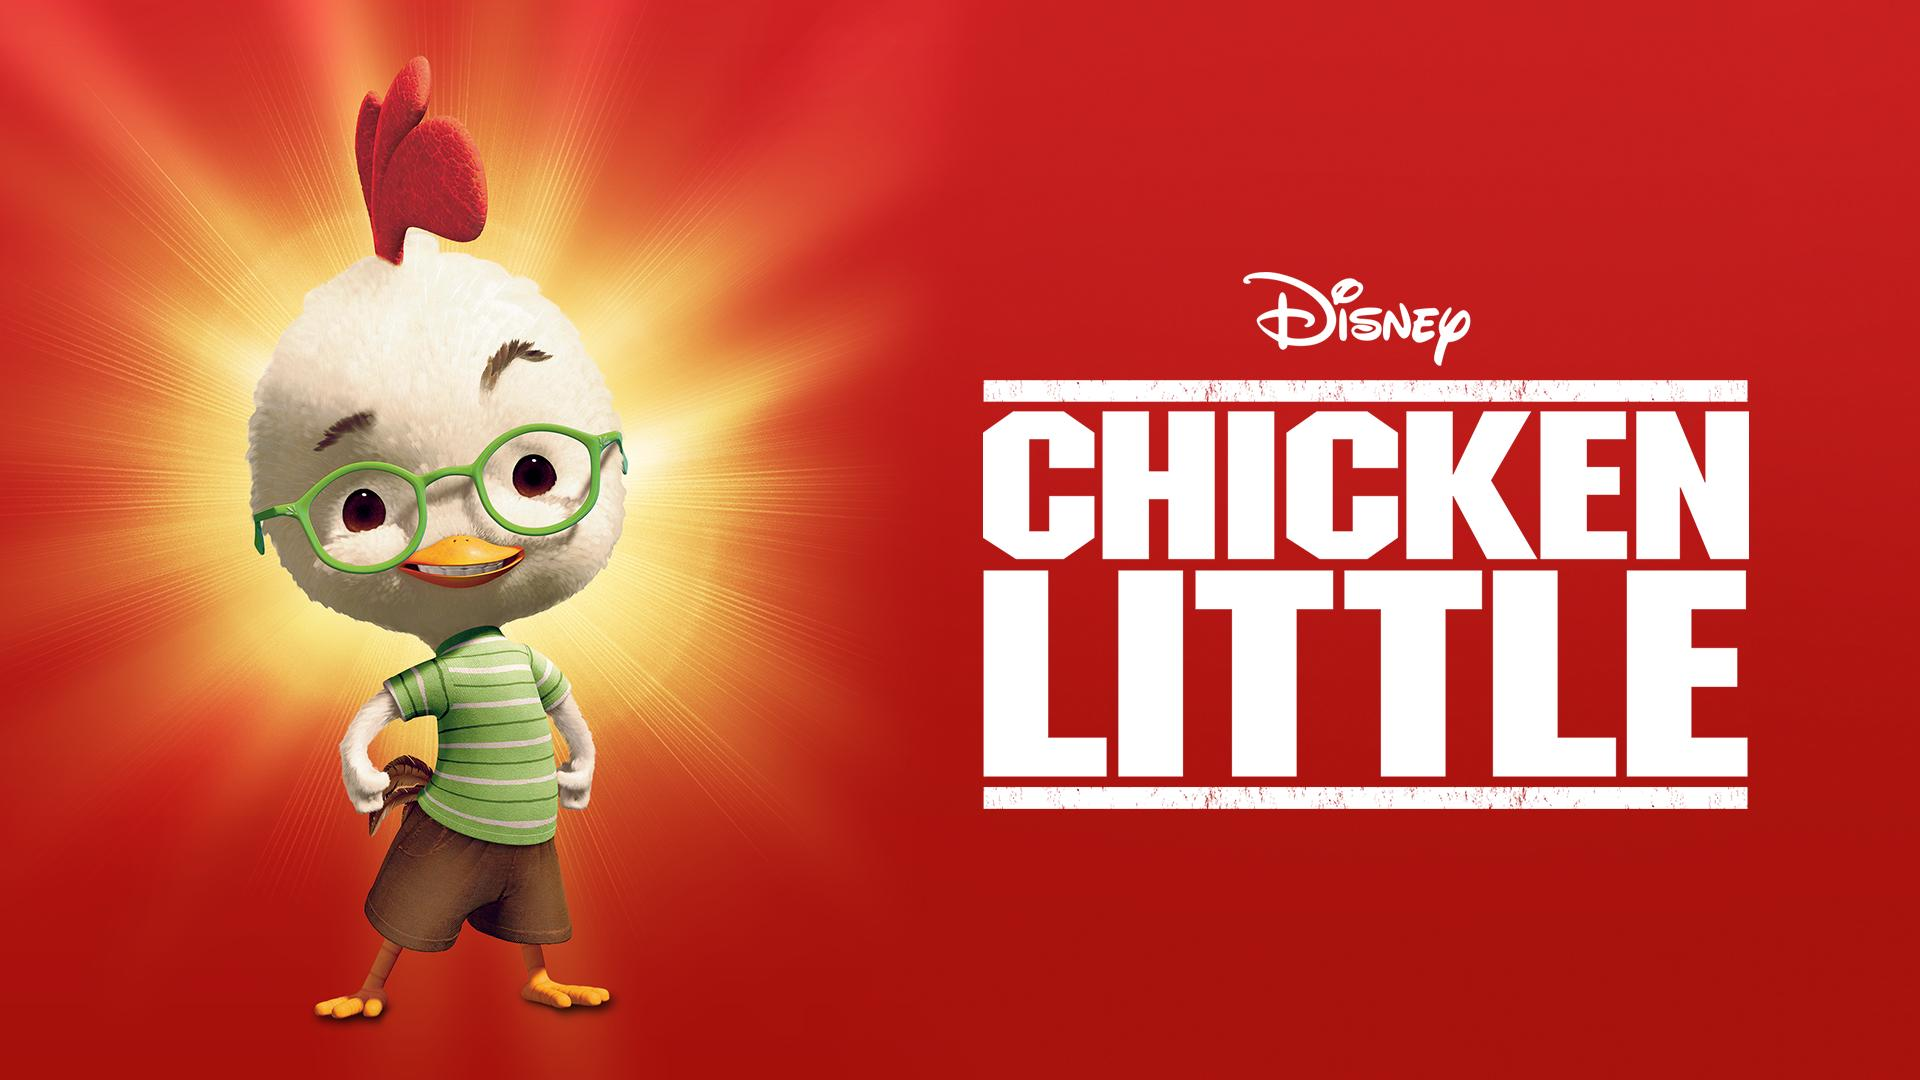 20 Weeks of Disney Animation: 'Chicken Little' -